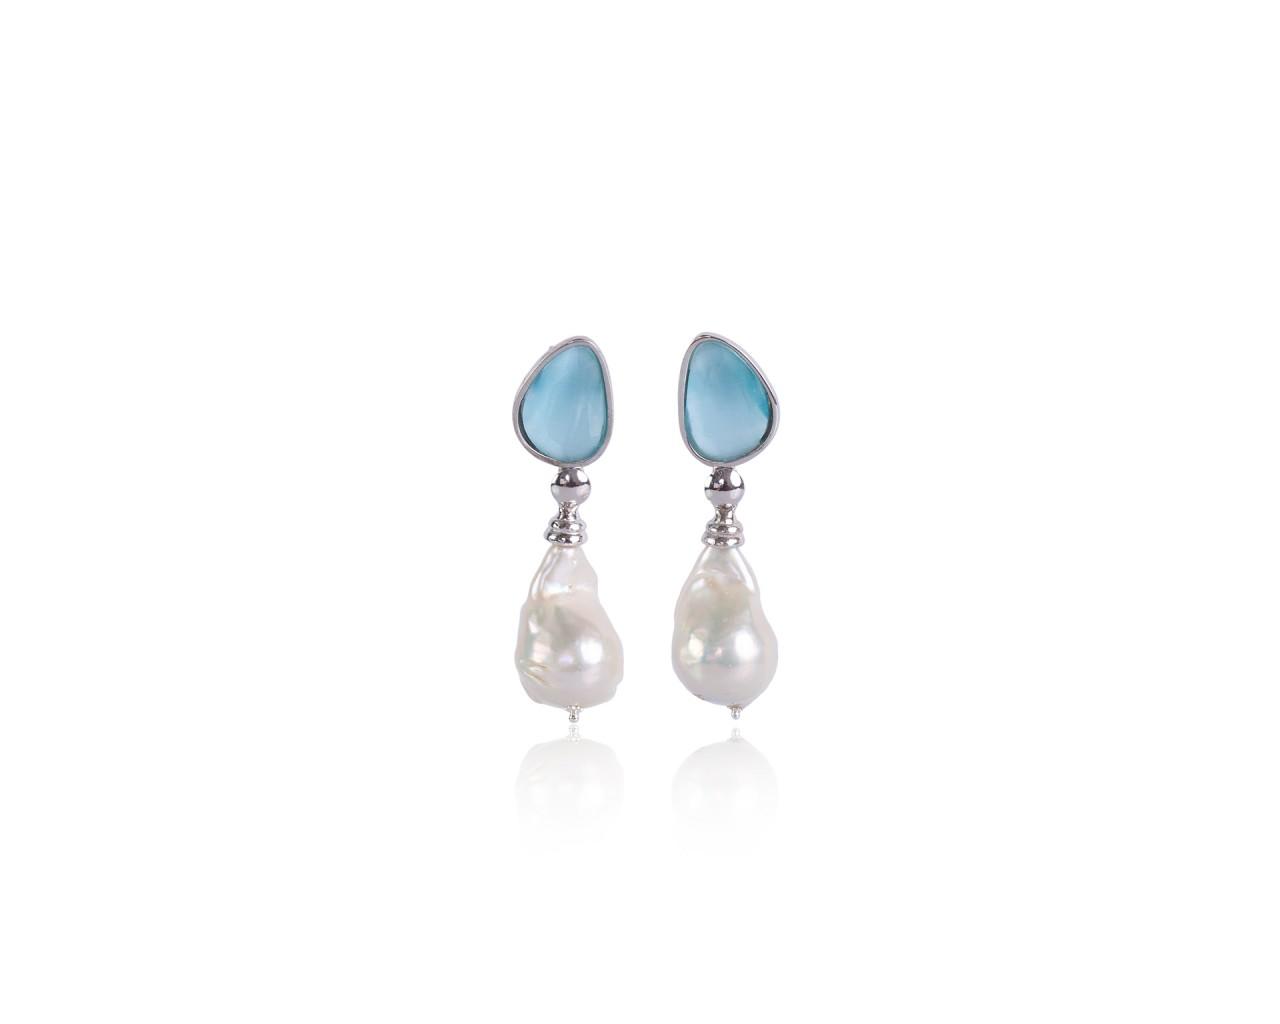 Orecchini in argento con pietre color celeste e perle barocche naturali